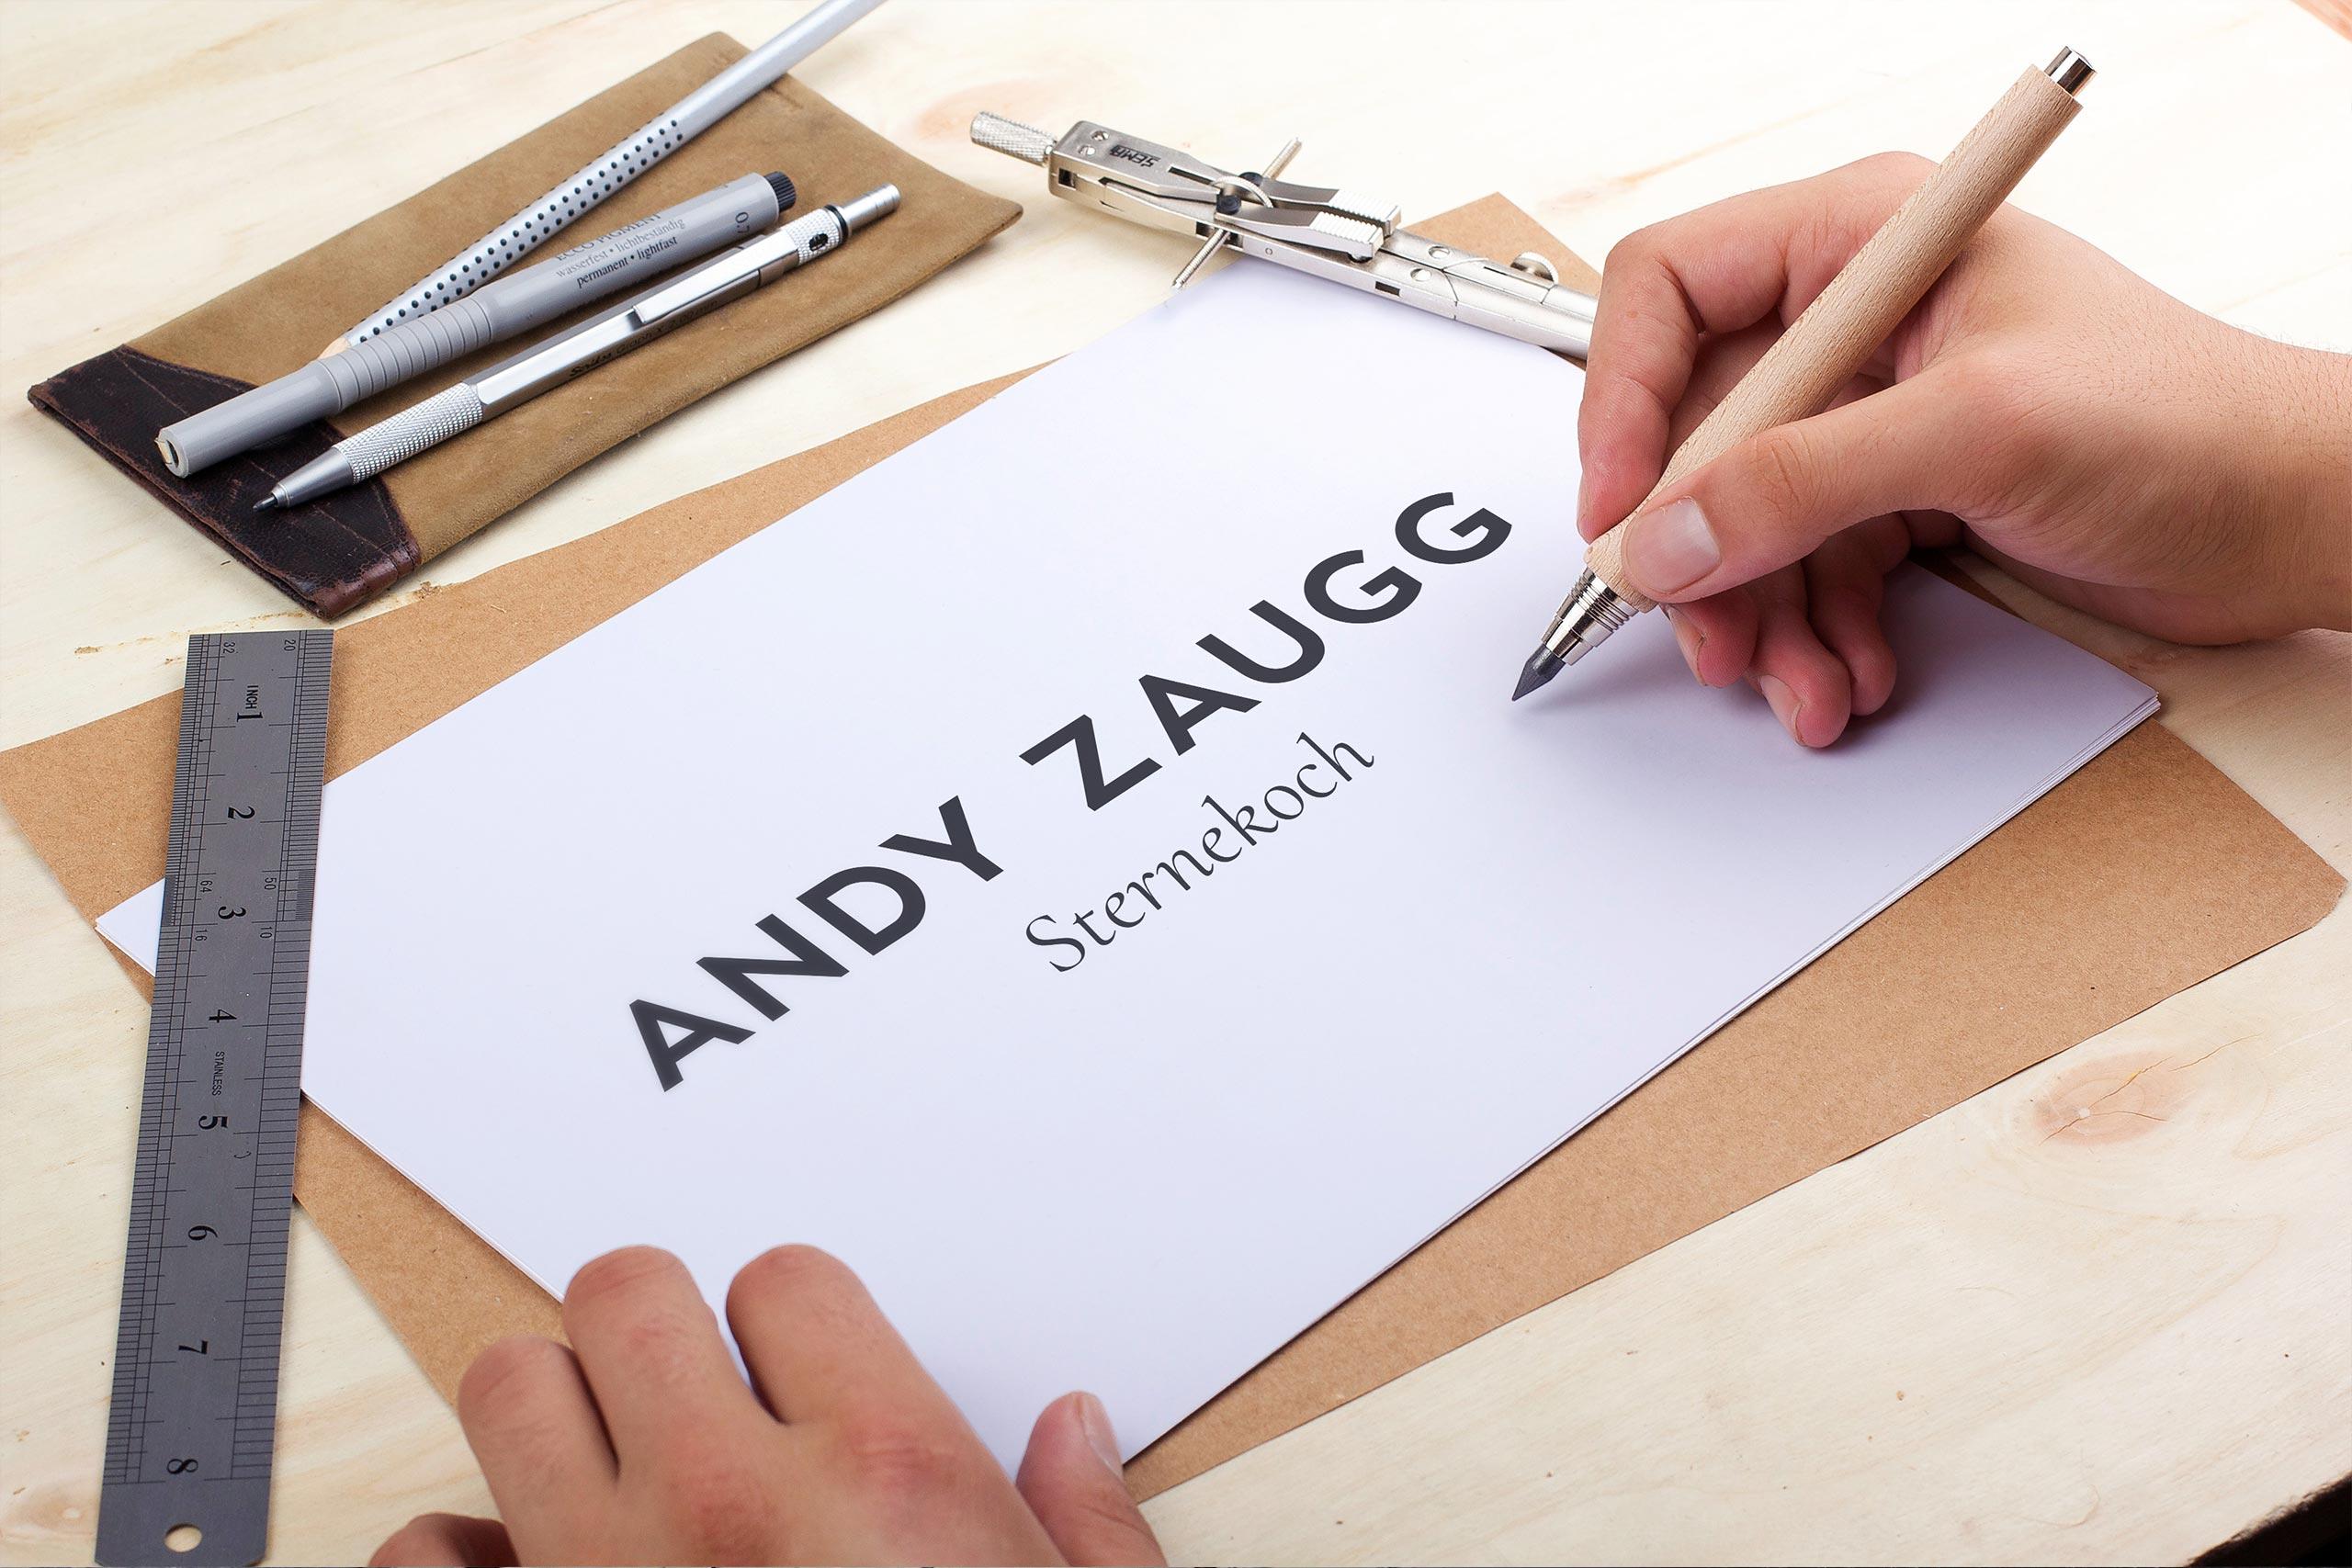 andy-zaugg-inhaltsbilder-02